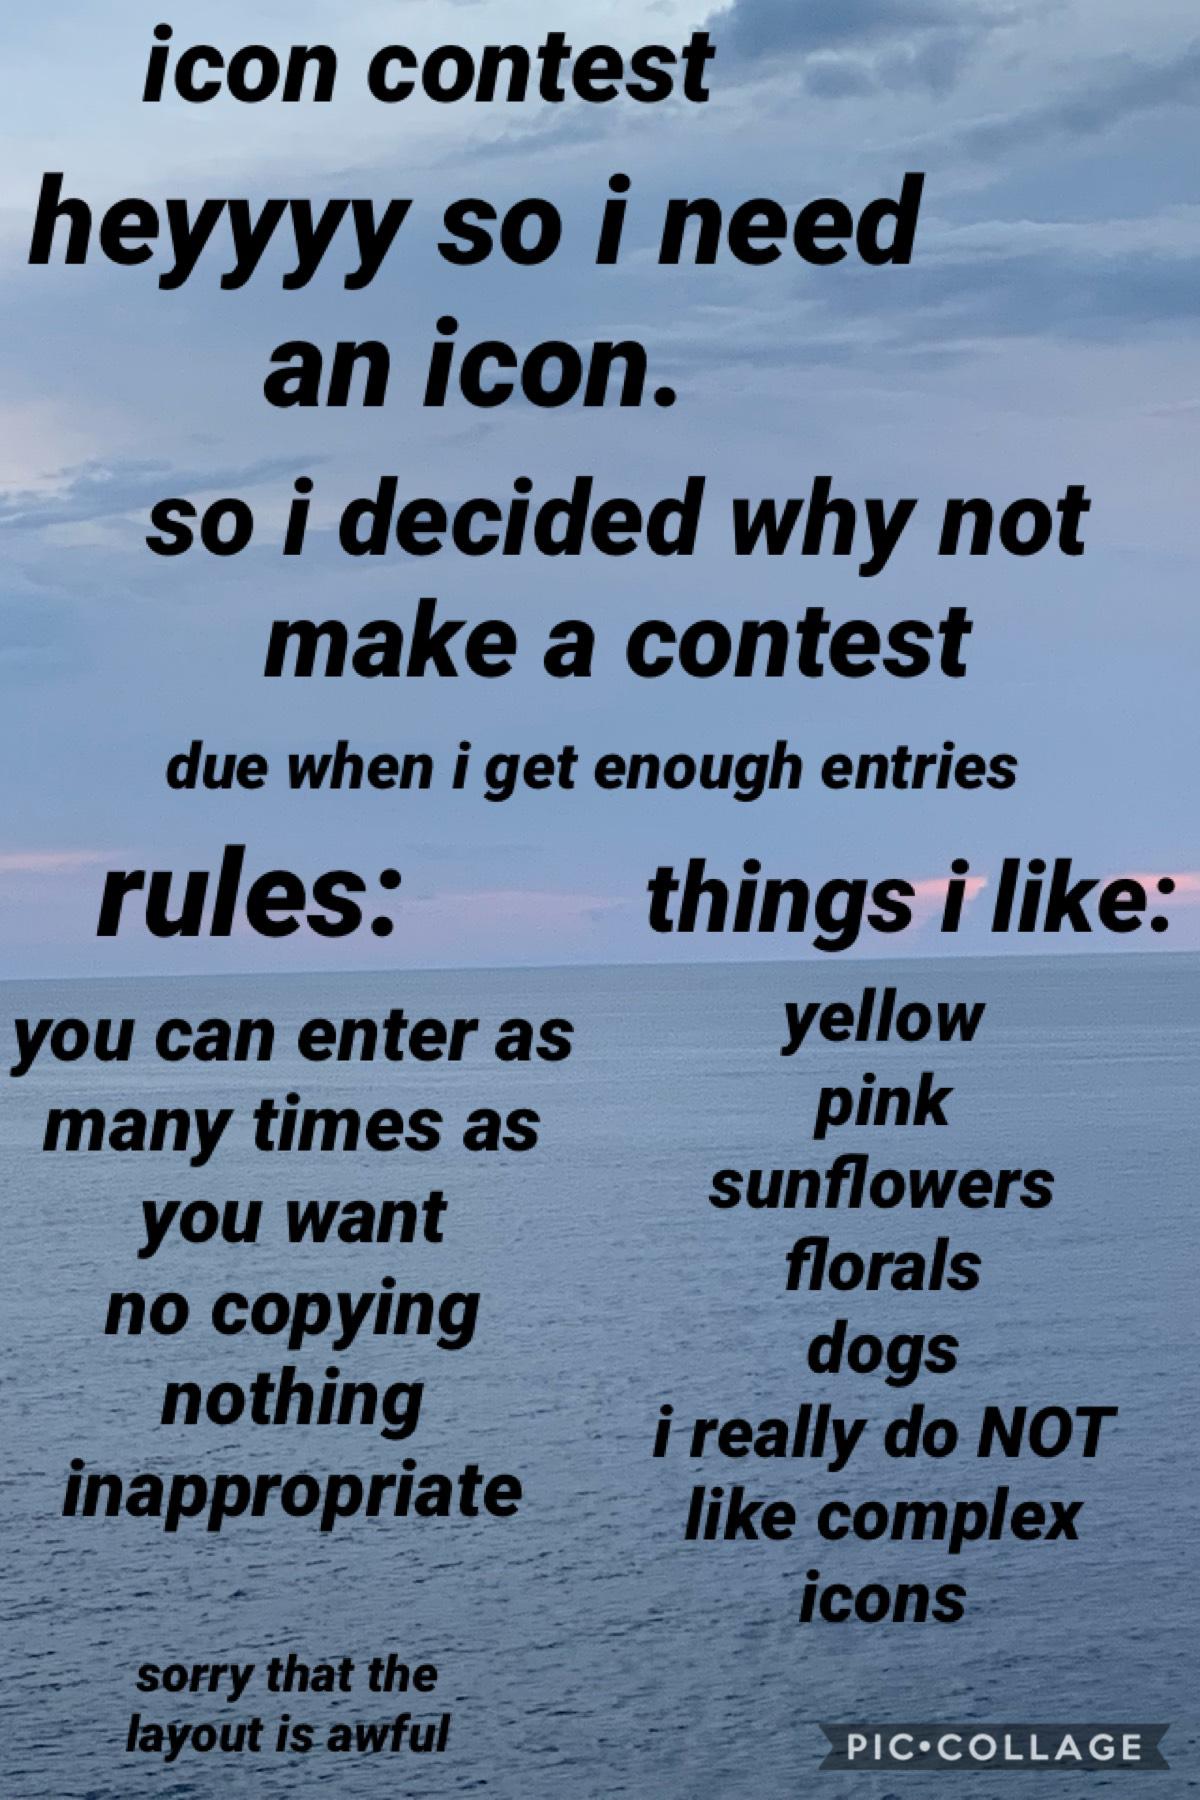 icon contest lol